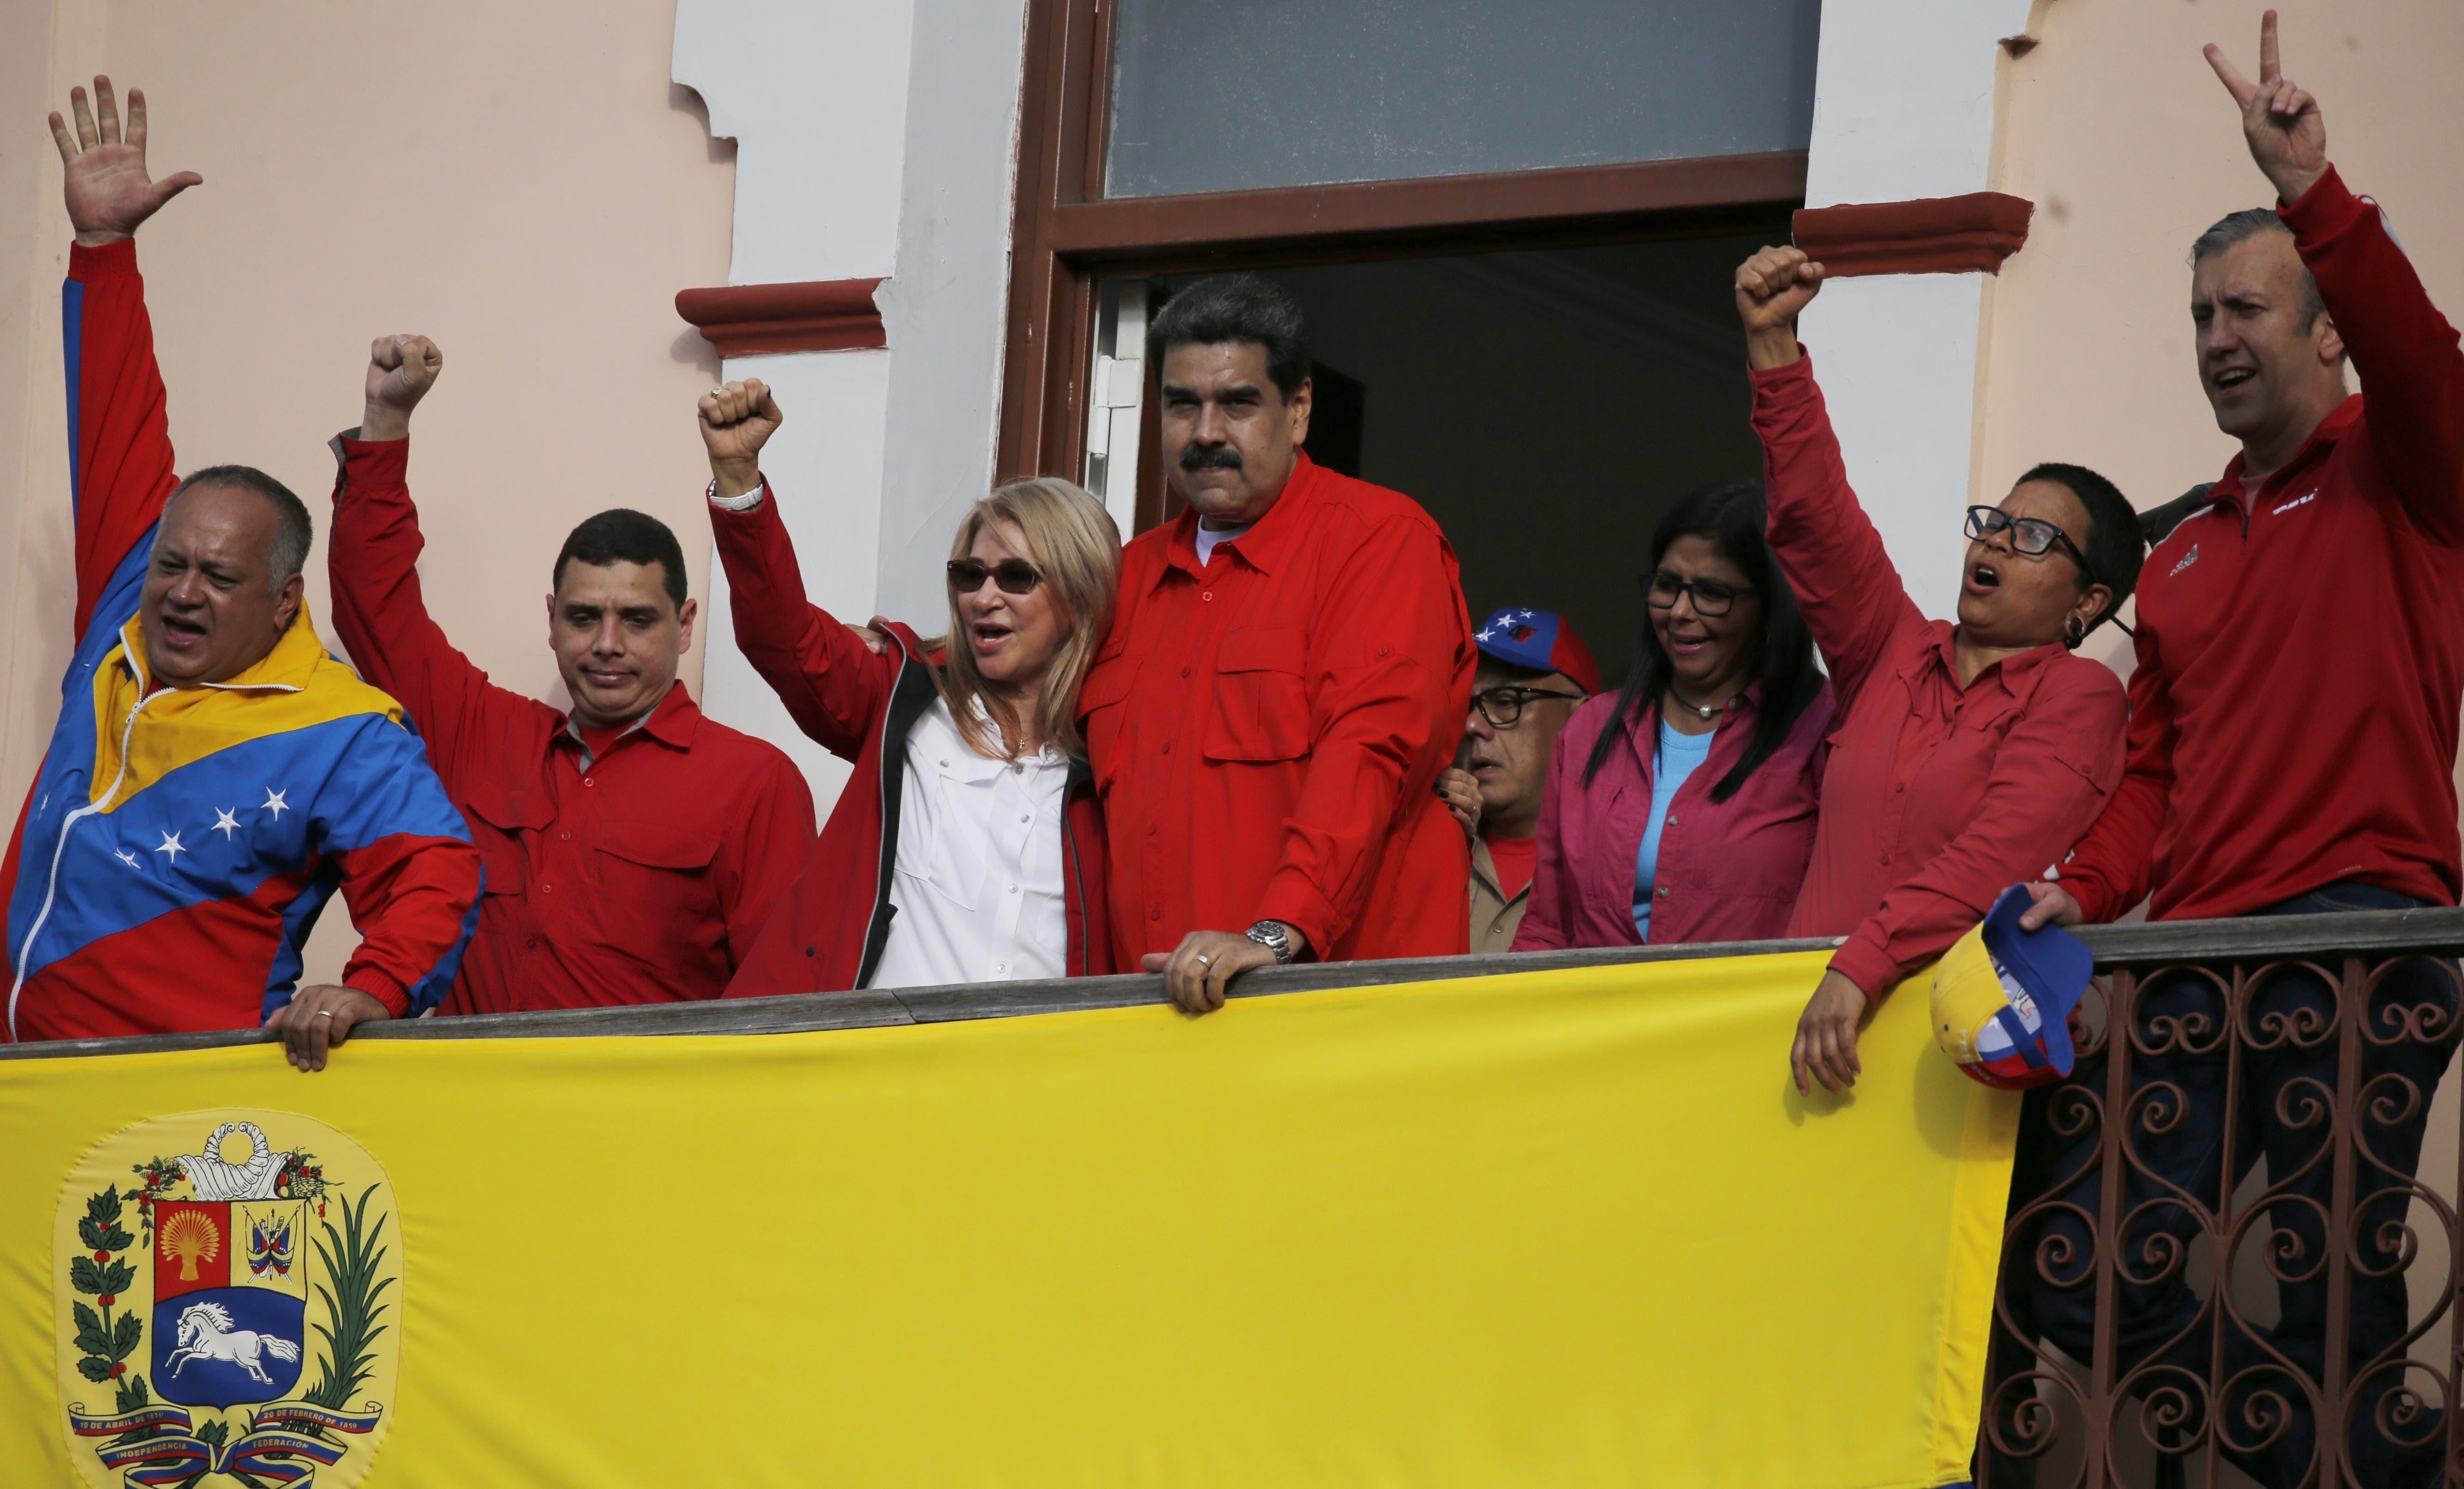 13. El presidente de Venezuela, Nicolás Maduro, en el centro, se encuentra en el balcón del palacio presidencial de Miraflores, acompañado por su esposa Cilia Flores, la tercera desde la izquierda, el presidente de la Asamblea Constitucional Diosdado Cabello, a la izquierda, la vicepresidenta Delcy Rodríguez, tercera a la derecha, el ministro Tarek El Aissami. derecha, y otros funcionarios del gobierno, en Caracas, Venezuela,